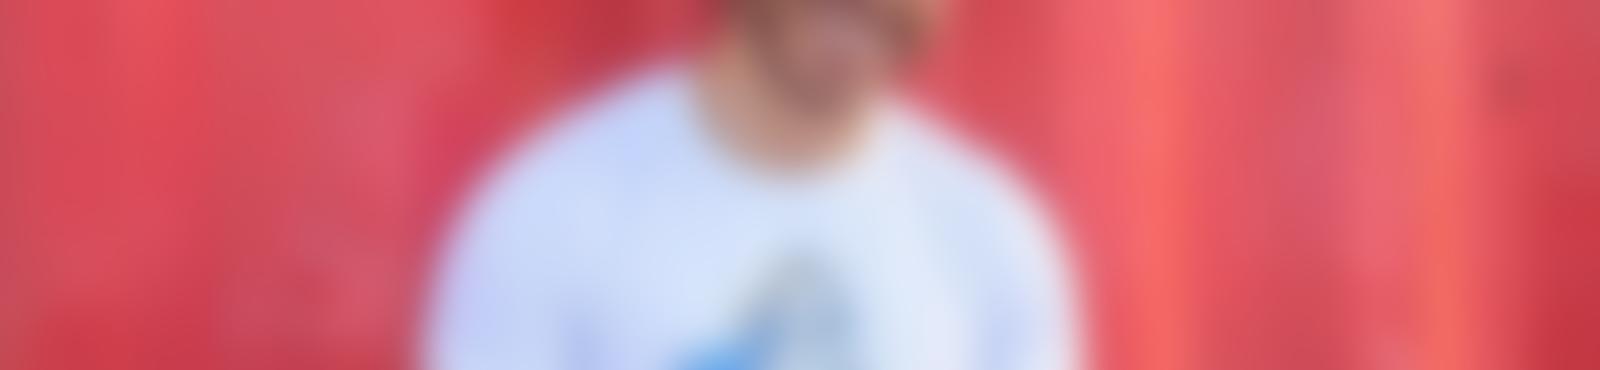 Blurred e6203dfd cc4c 459d 8da0 ed2f2621df9e